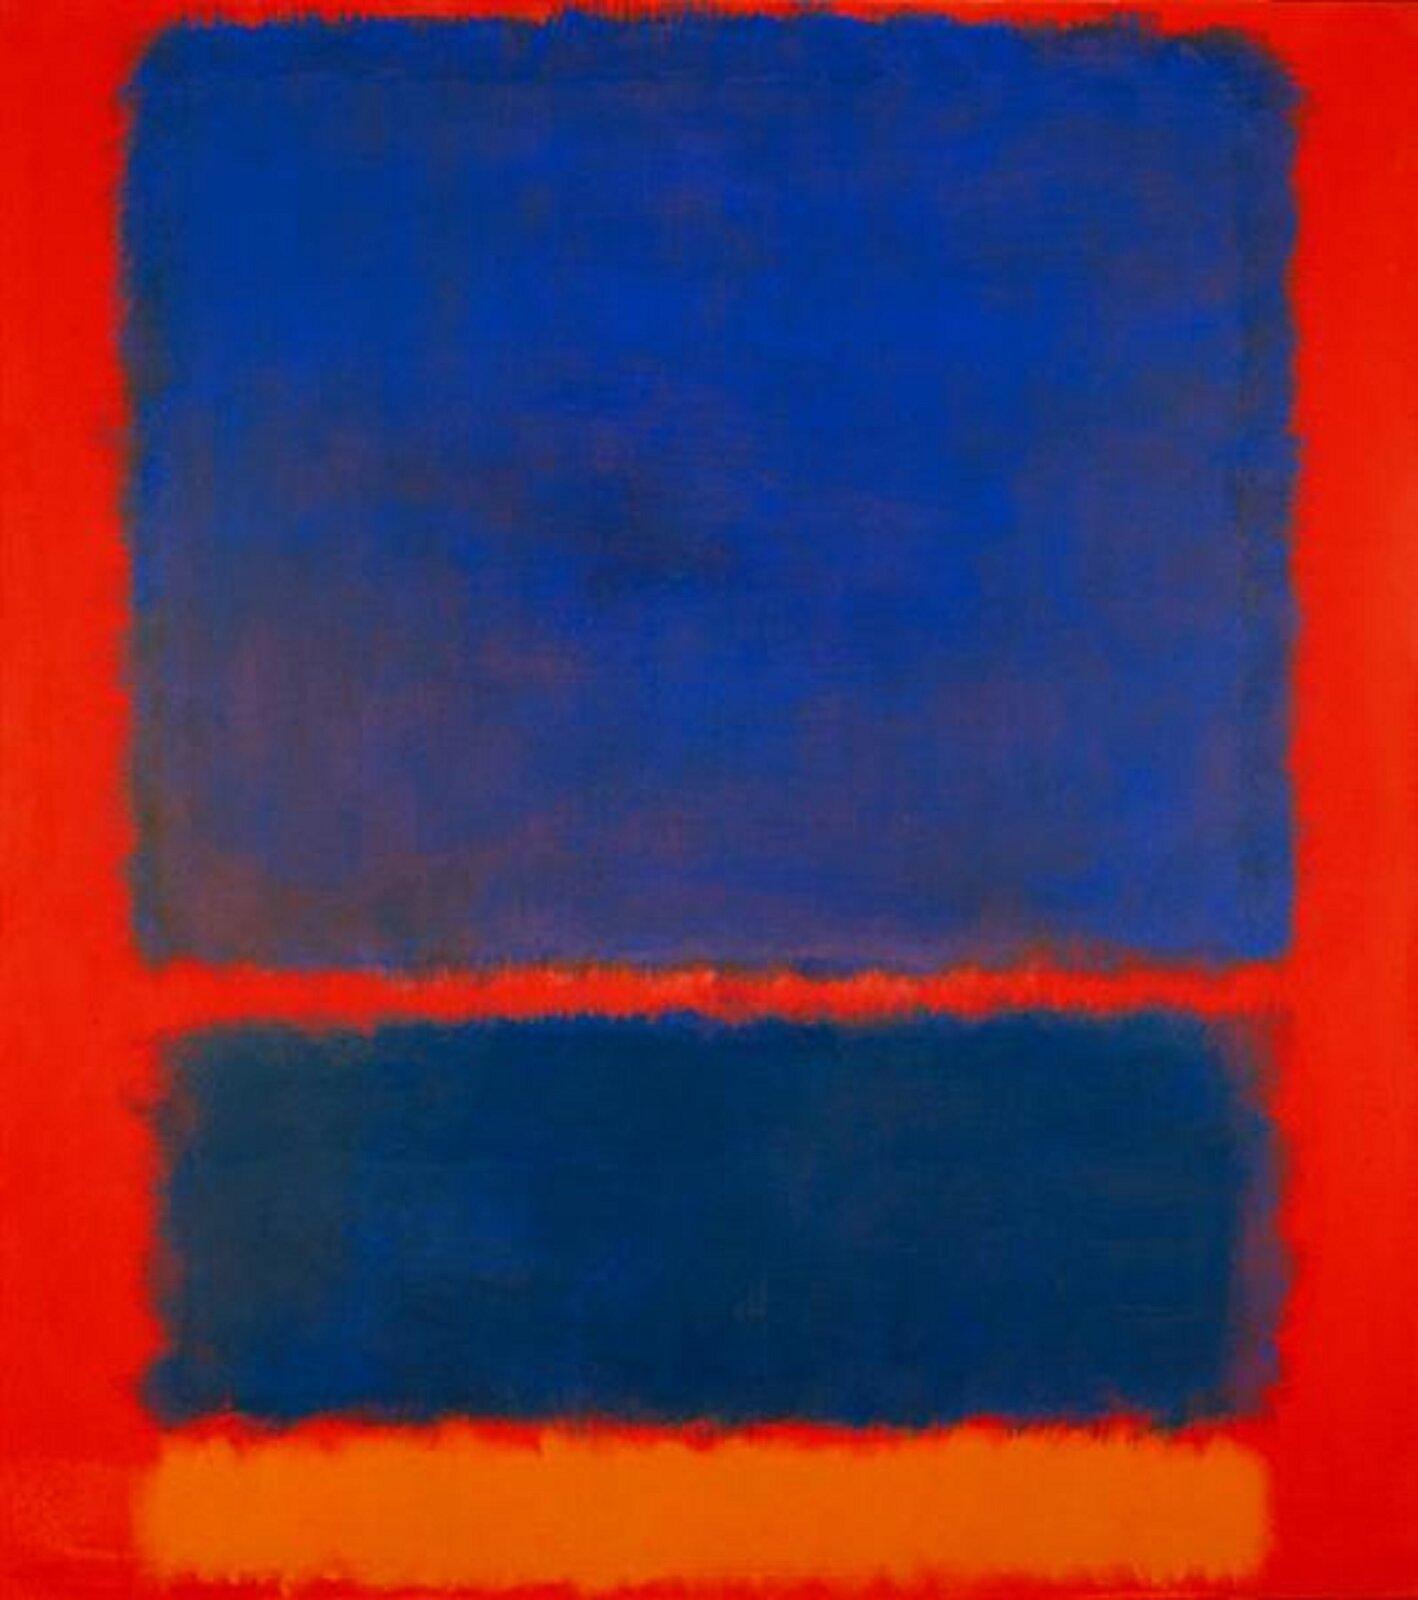 """Ilustracja przedstawia obraz Marka Rothko pt. """"Niebieski, pomarańczowy, czerwony"""". Obraz pochodzi z1961 roku. Dzieło przedstawia trzy prostokąty na czerwonym tle. Dwie figury są wkolorze niebieskim oraz jedna wkolorze pomarańczowym. Autorem dzieła był amerykański malarz, przedstawiciel color field painting."""